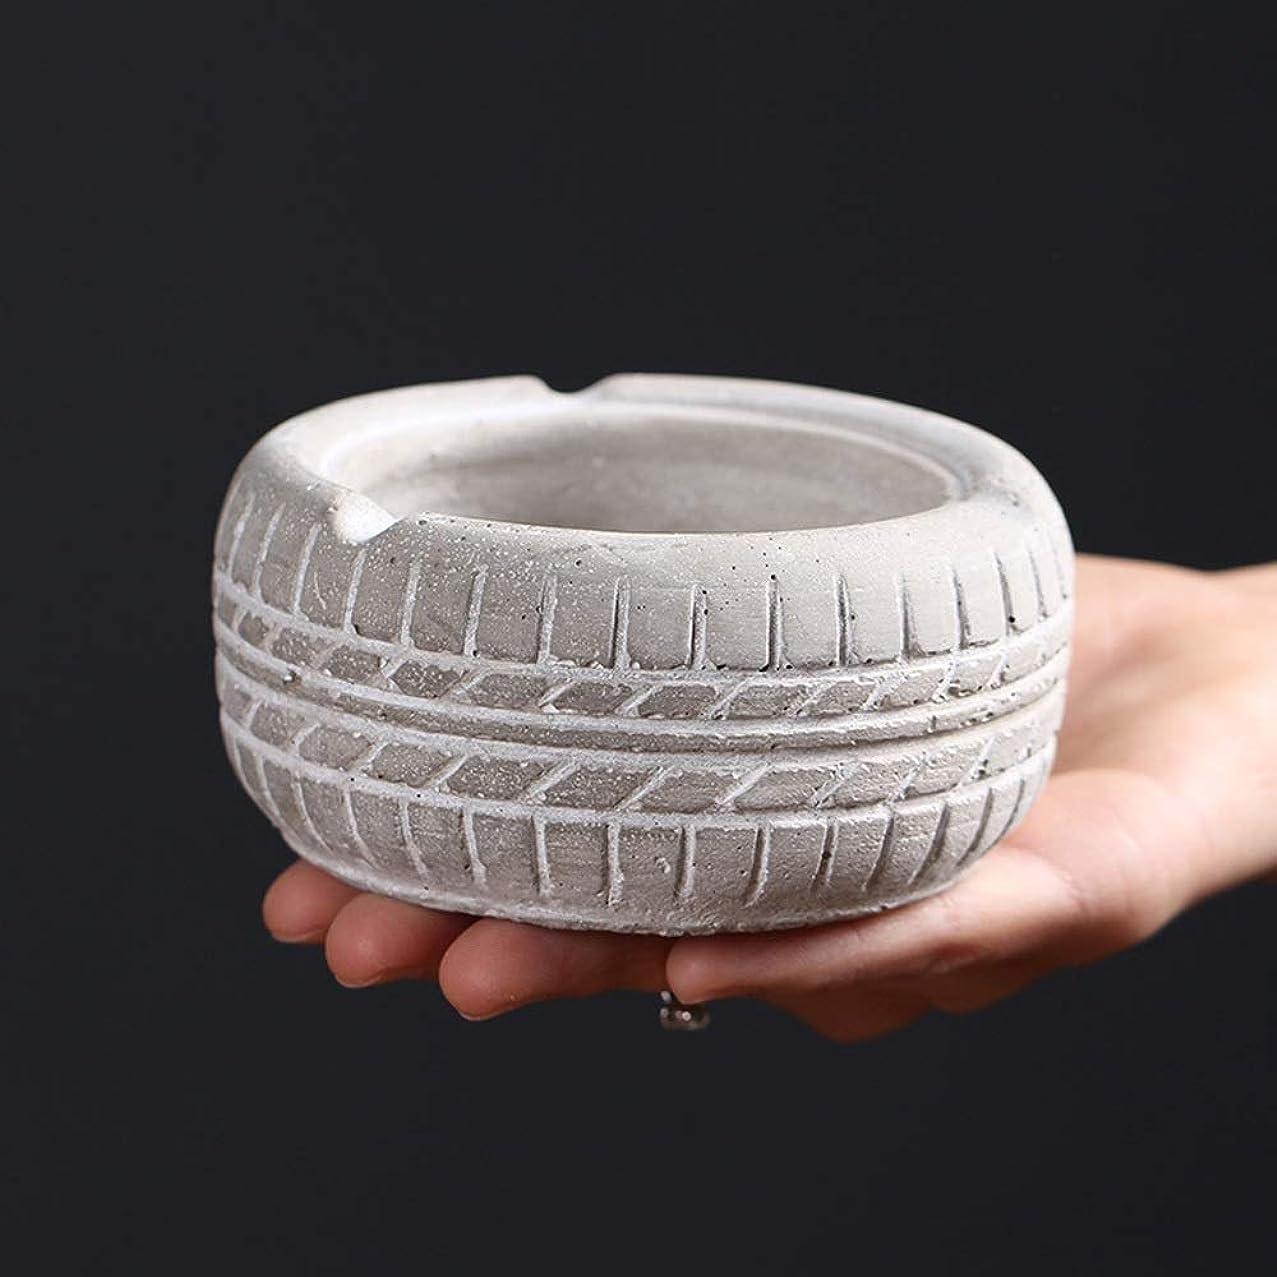 スペード退屈な読むレトロな灰皿のタイヤの形、パーソナライズされた創造的な灰皿のデスクトップの装飾品、から選択するさまざまな色 (Size : 白)